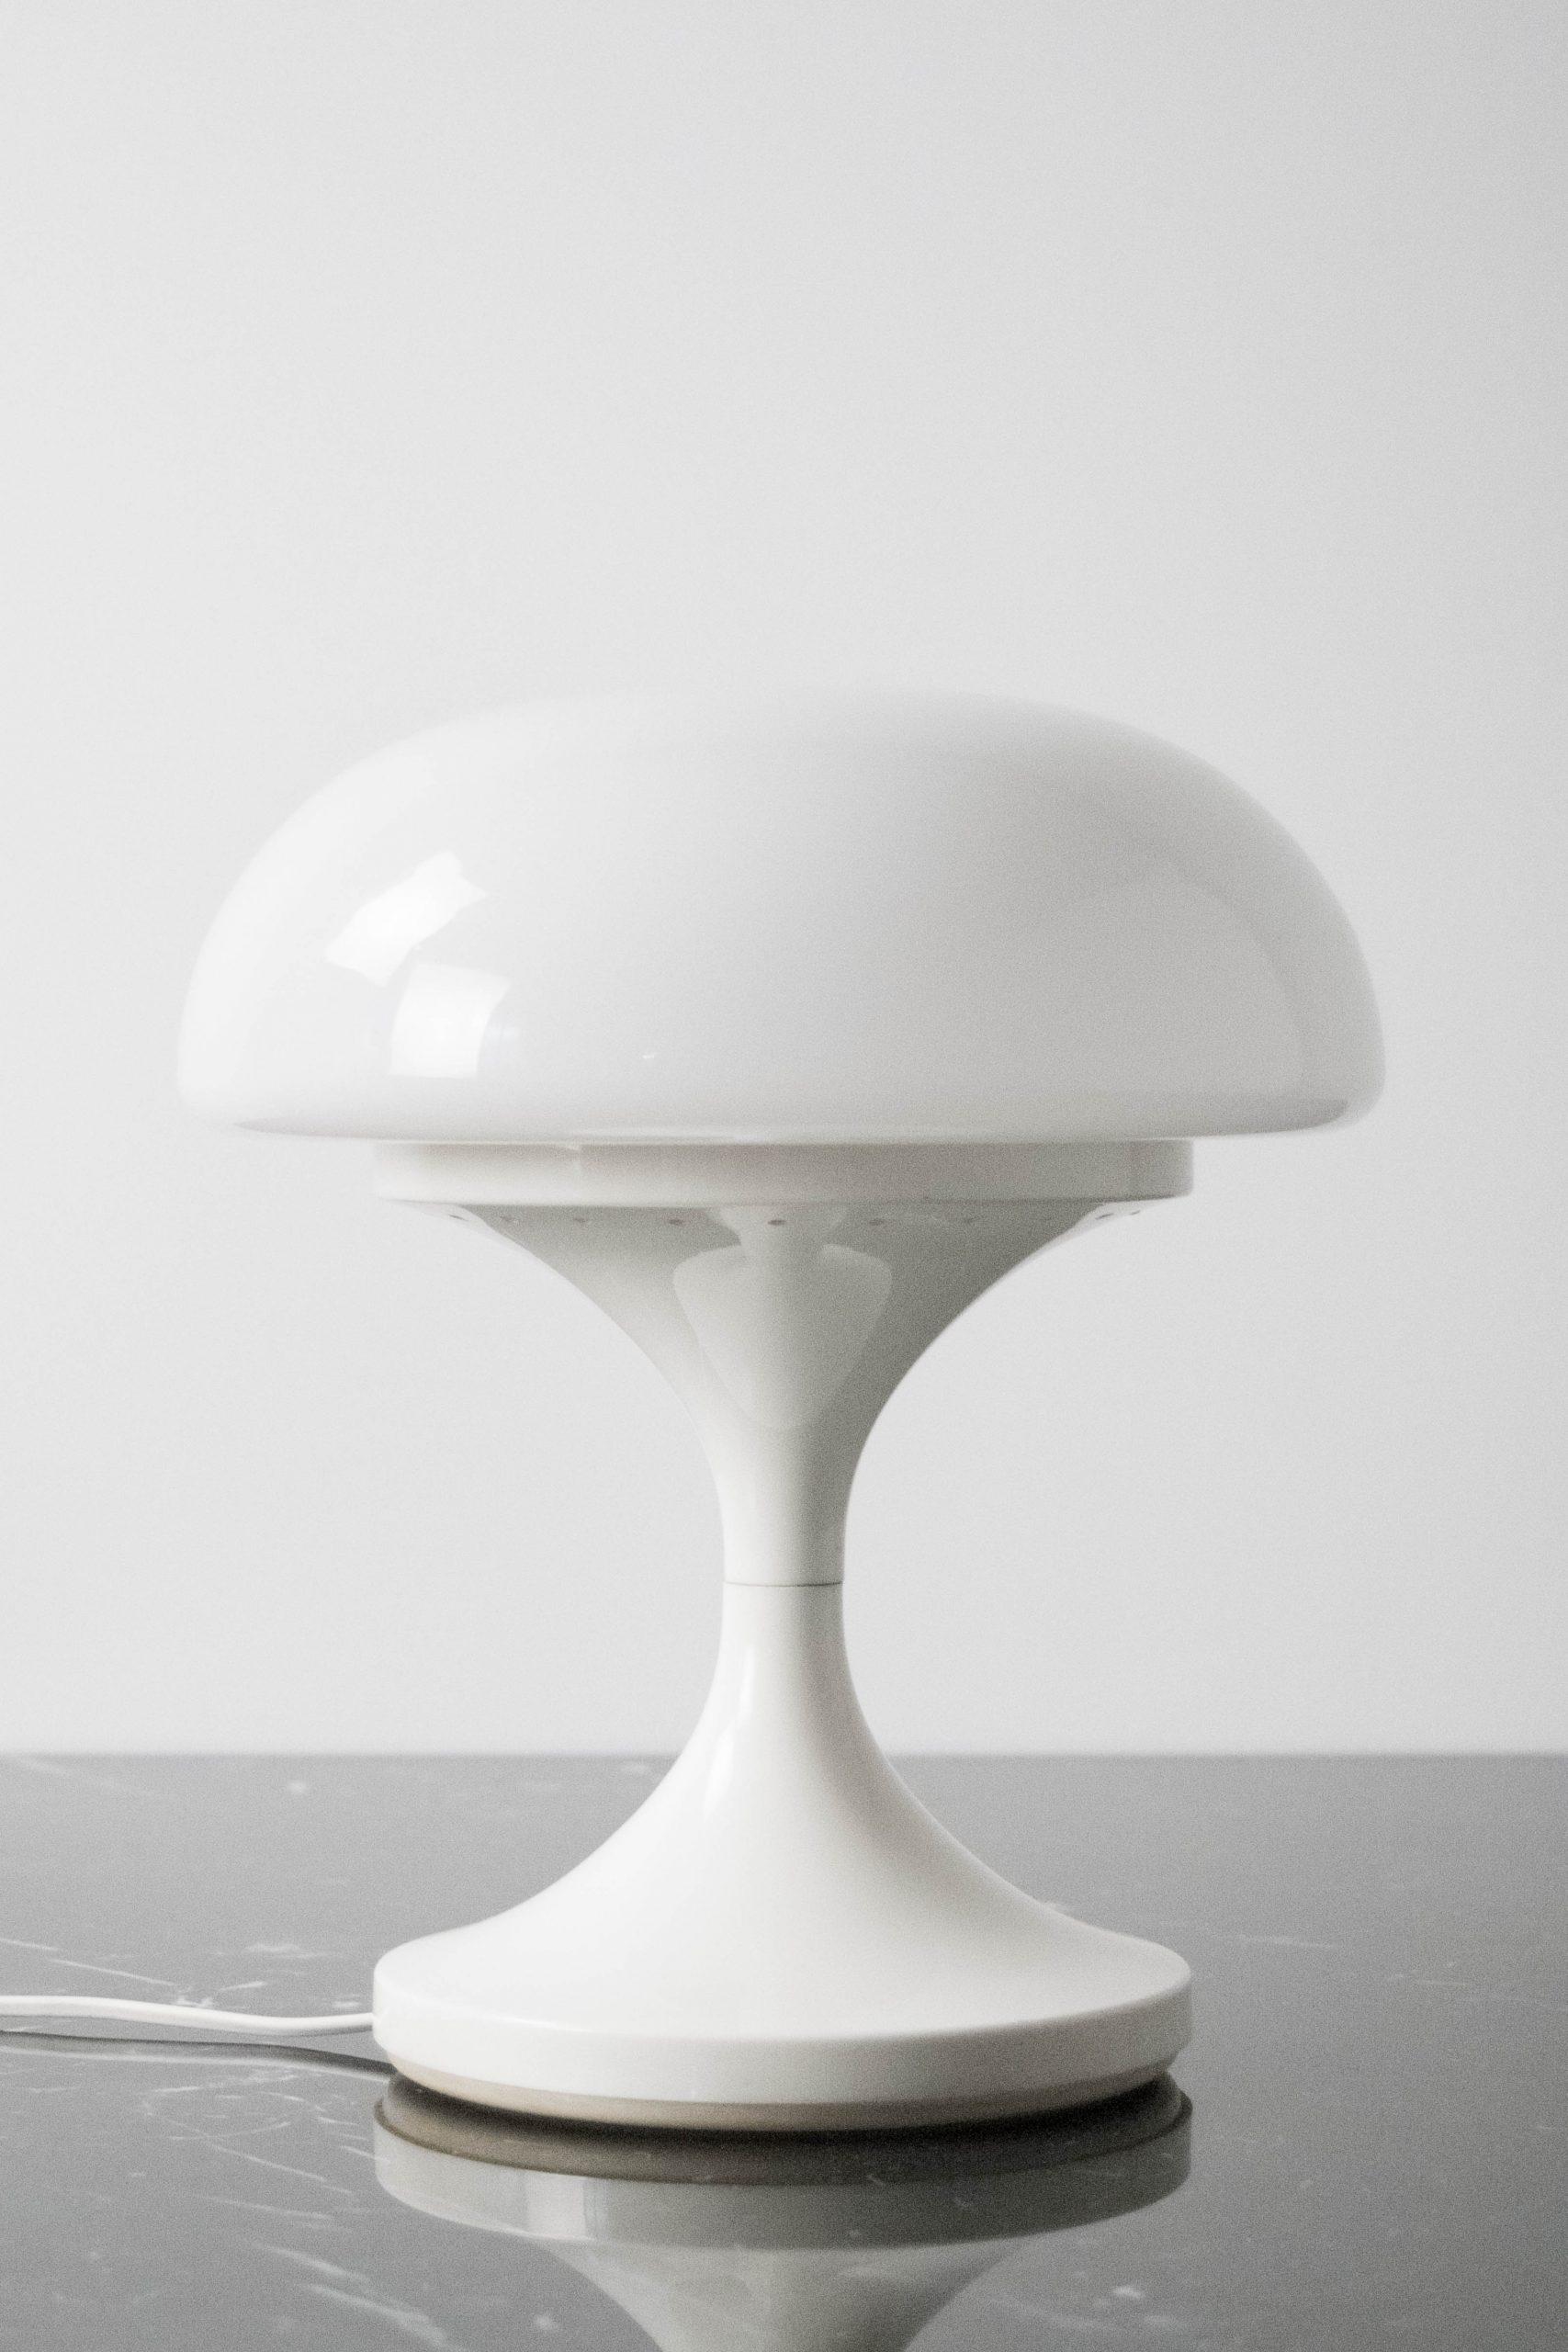 lampara de diseño space age